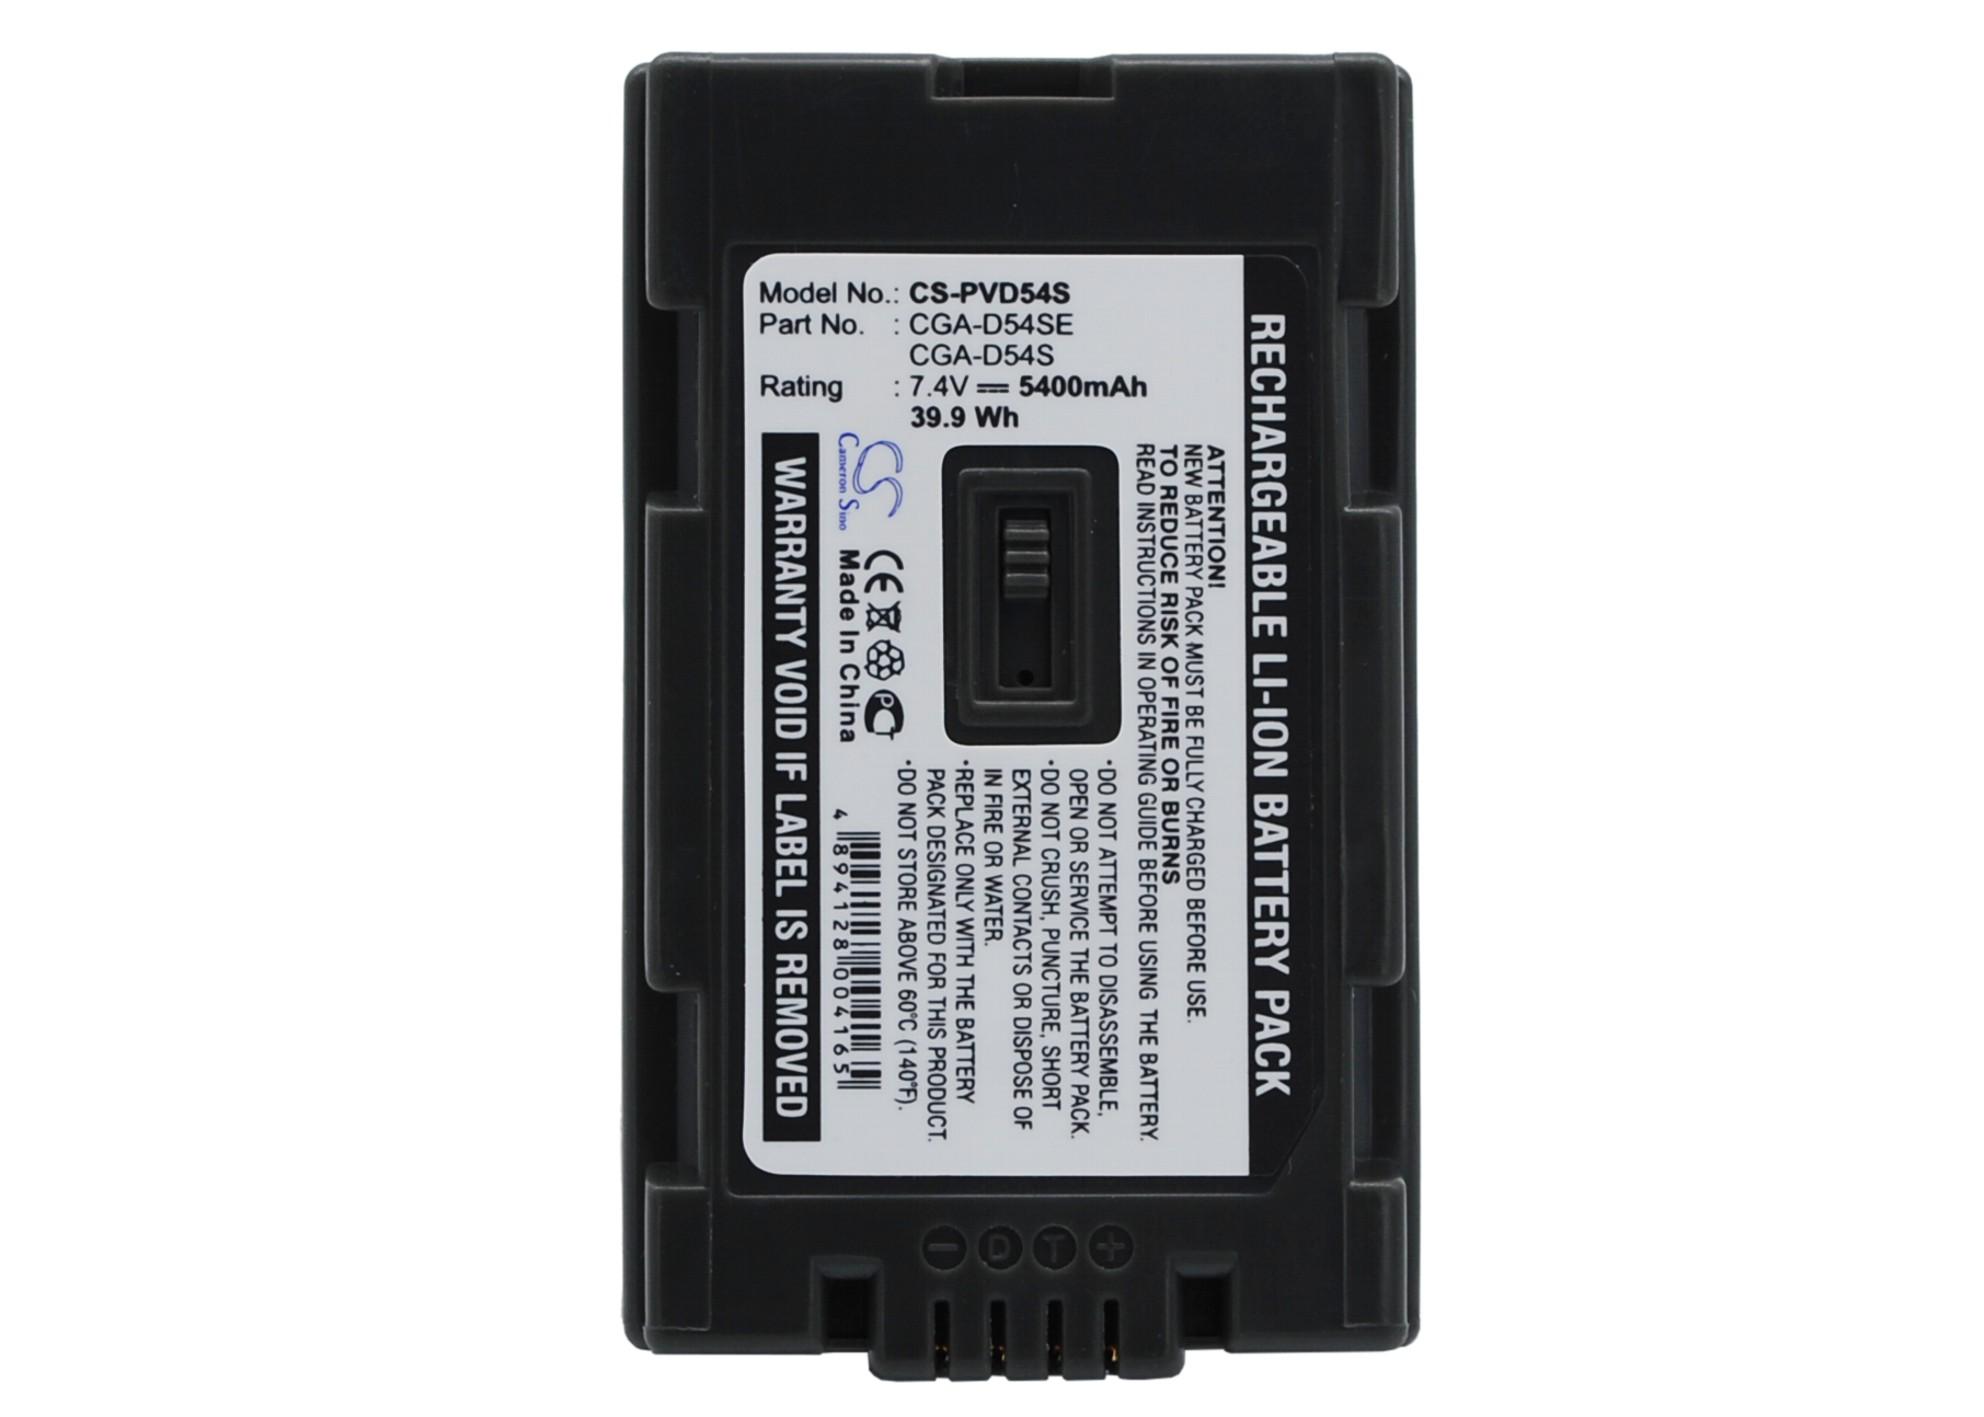 Cameron Sino baterie do kamer a fotoaparátů pro PANASONIC NV-GX7 7.4V Li-ion 5400mAh tmavě šedá - neoriginální